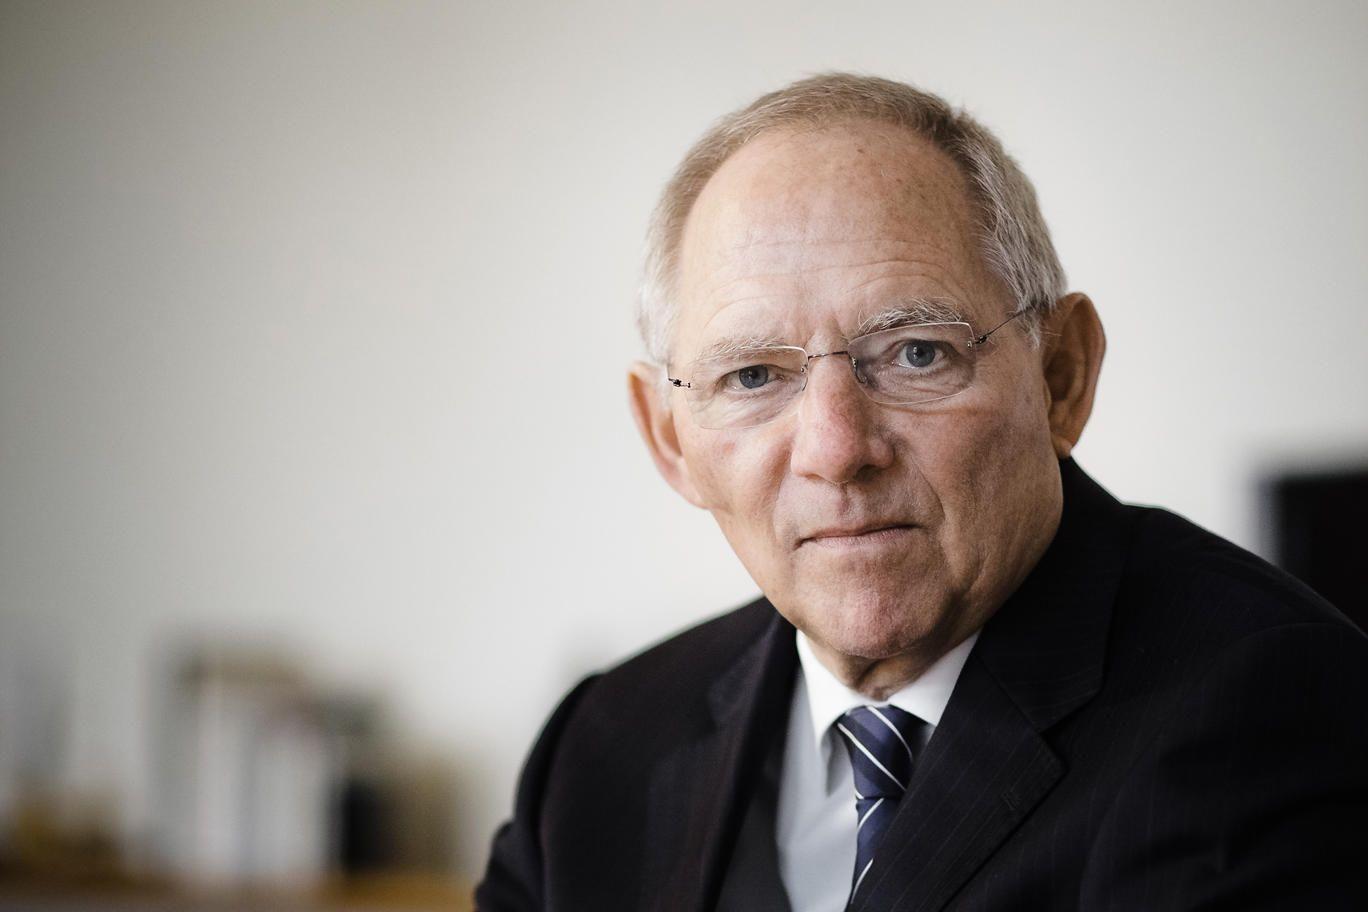 Soiblε Σόιμπλε Σοιμπλε Schäuble